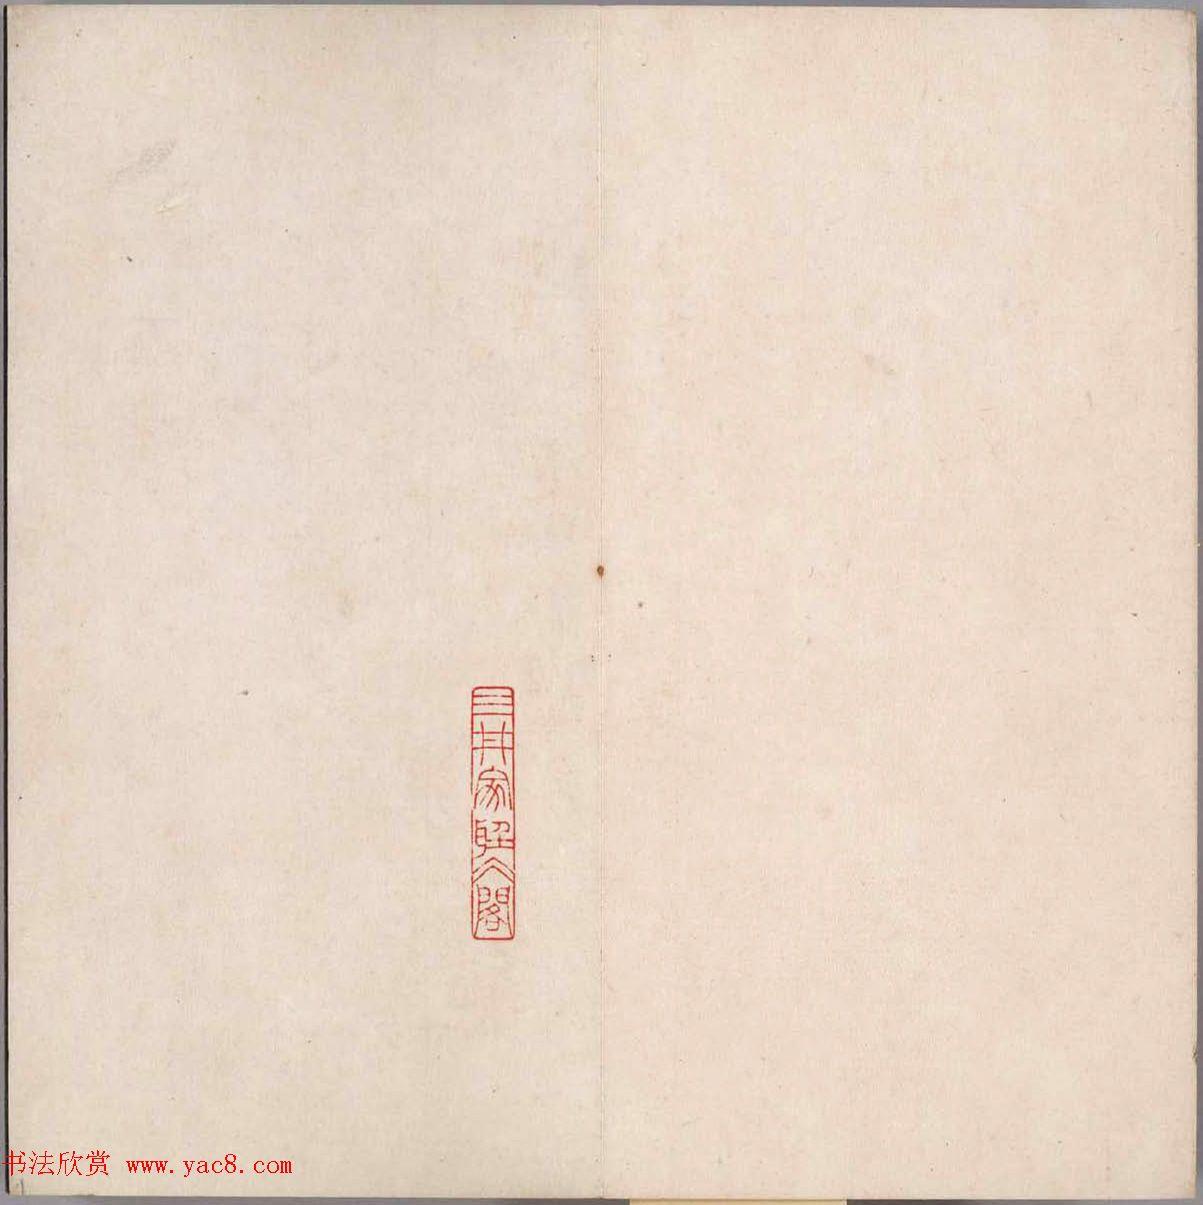 隋代楷书精品《苏慈墓志》上下合册